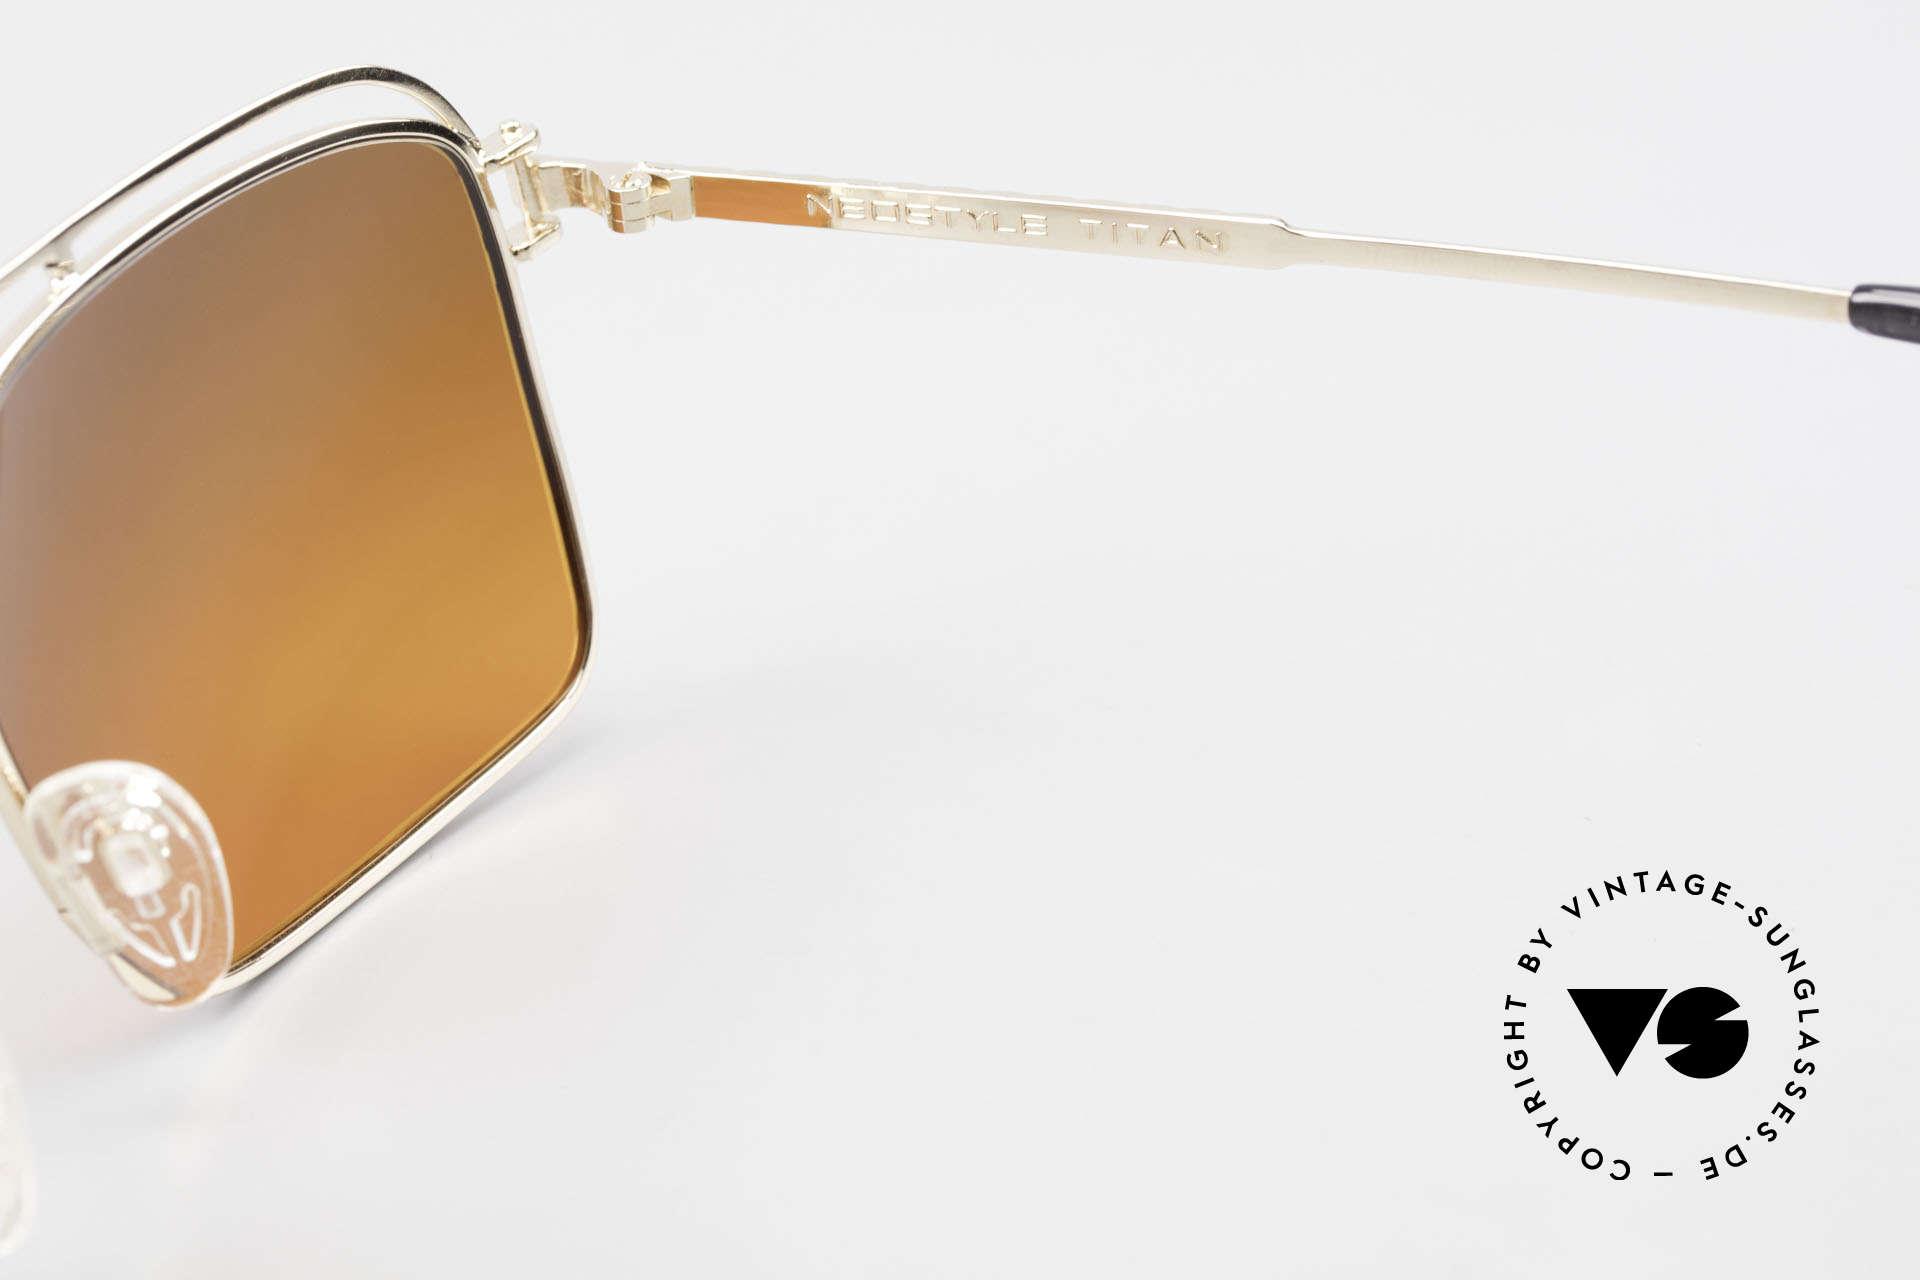 Neostyle Dynasty 424 - L 80er Herrensonnenbrille Titan, Fassung ist beliebig verglasbar (optisch / Sonne), Passend für Herren